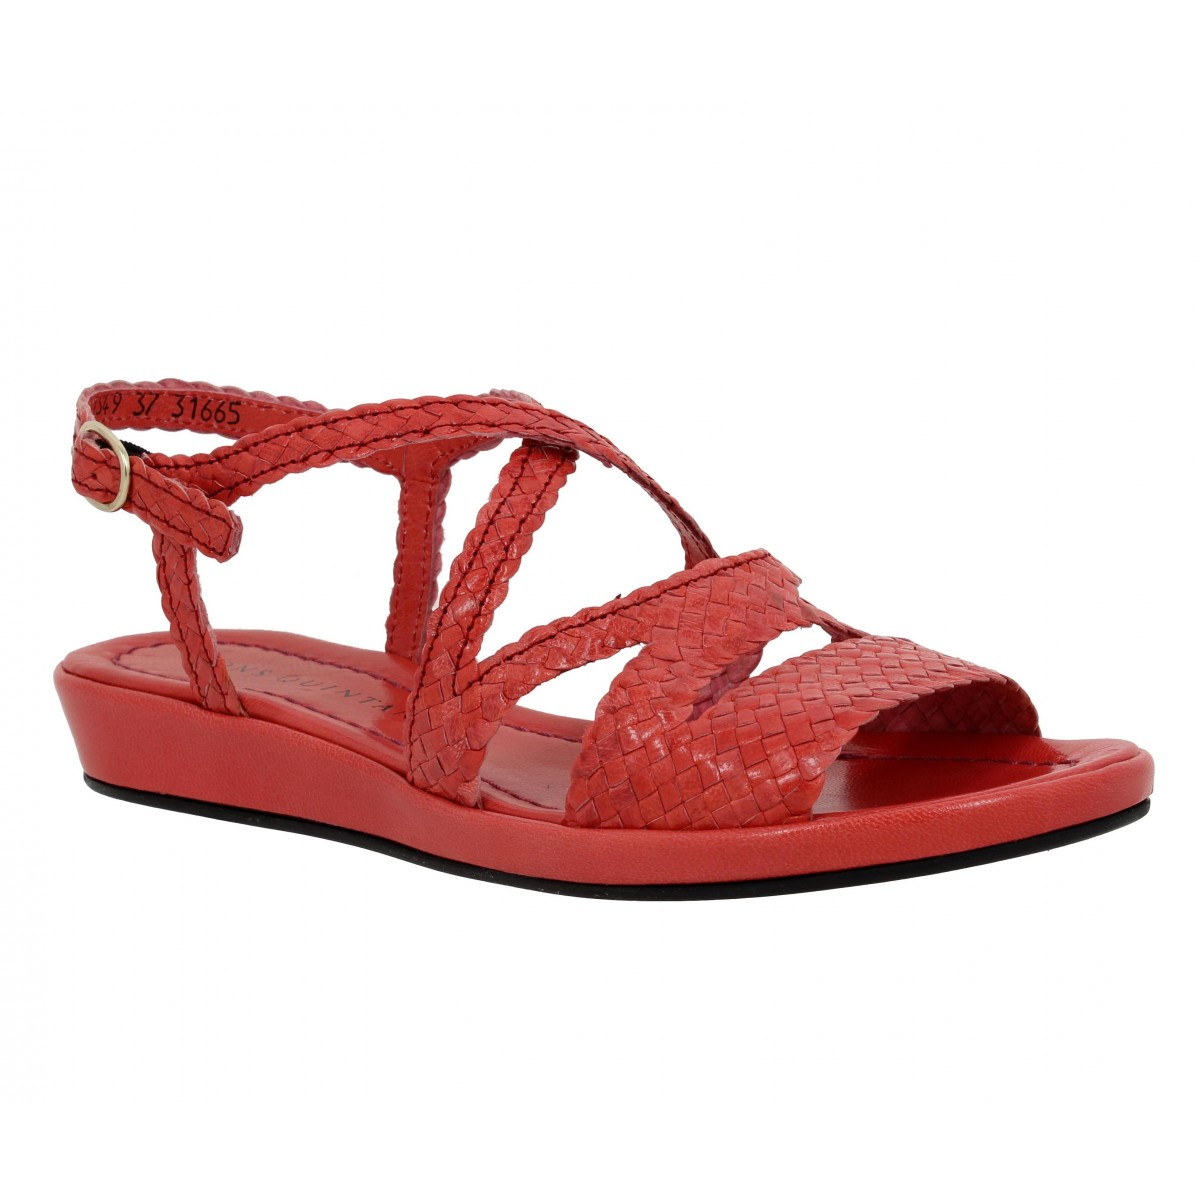 Sandales talons PONS QUINTANA Alma cuir tresse Femme Fraise